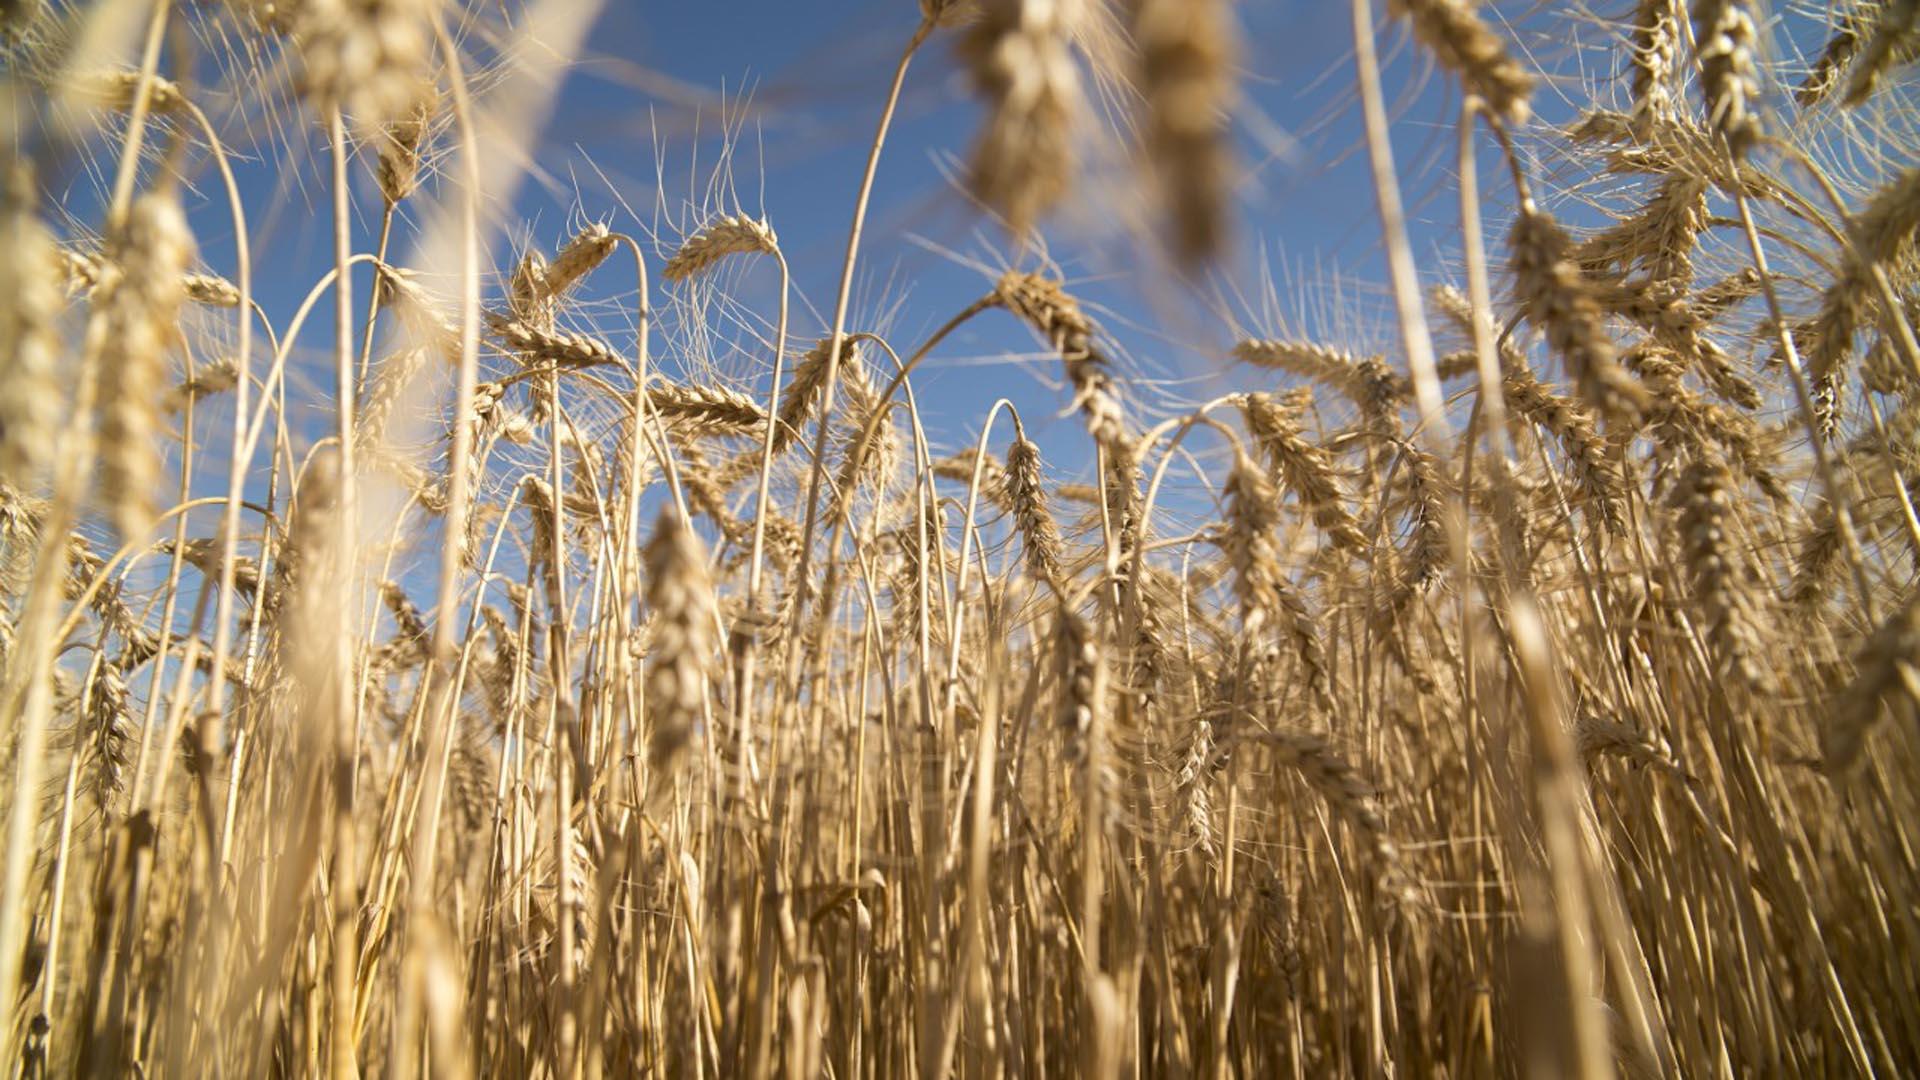 En el trigo hubo oportunidades en el mercado que permitieron capturar valores de USD 260